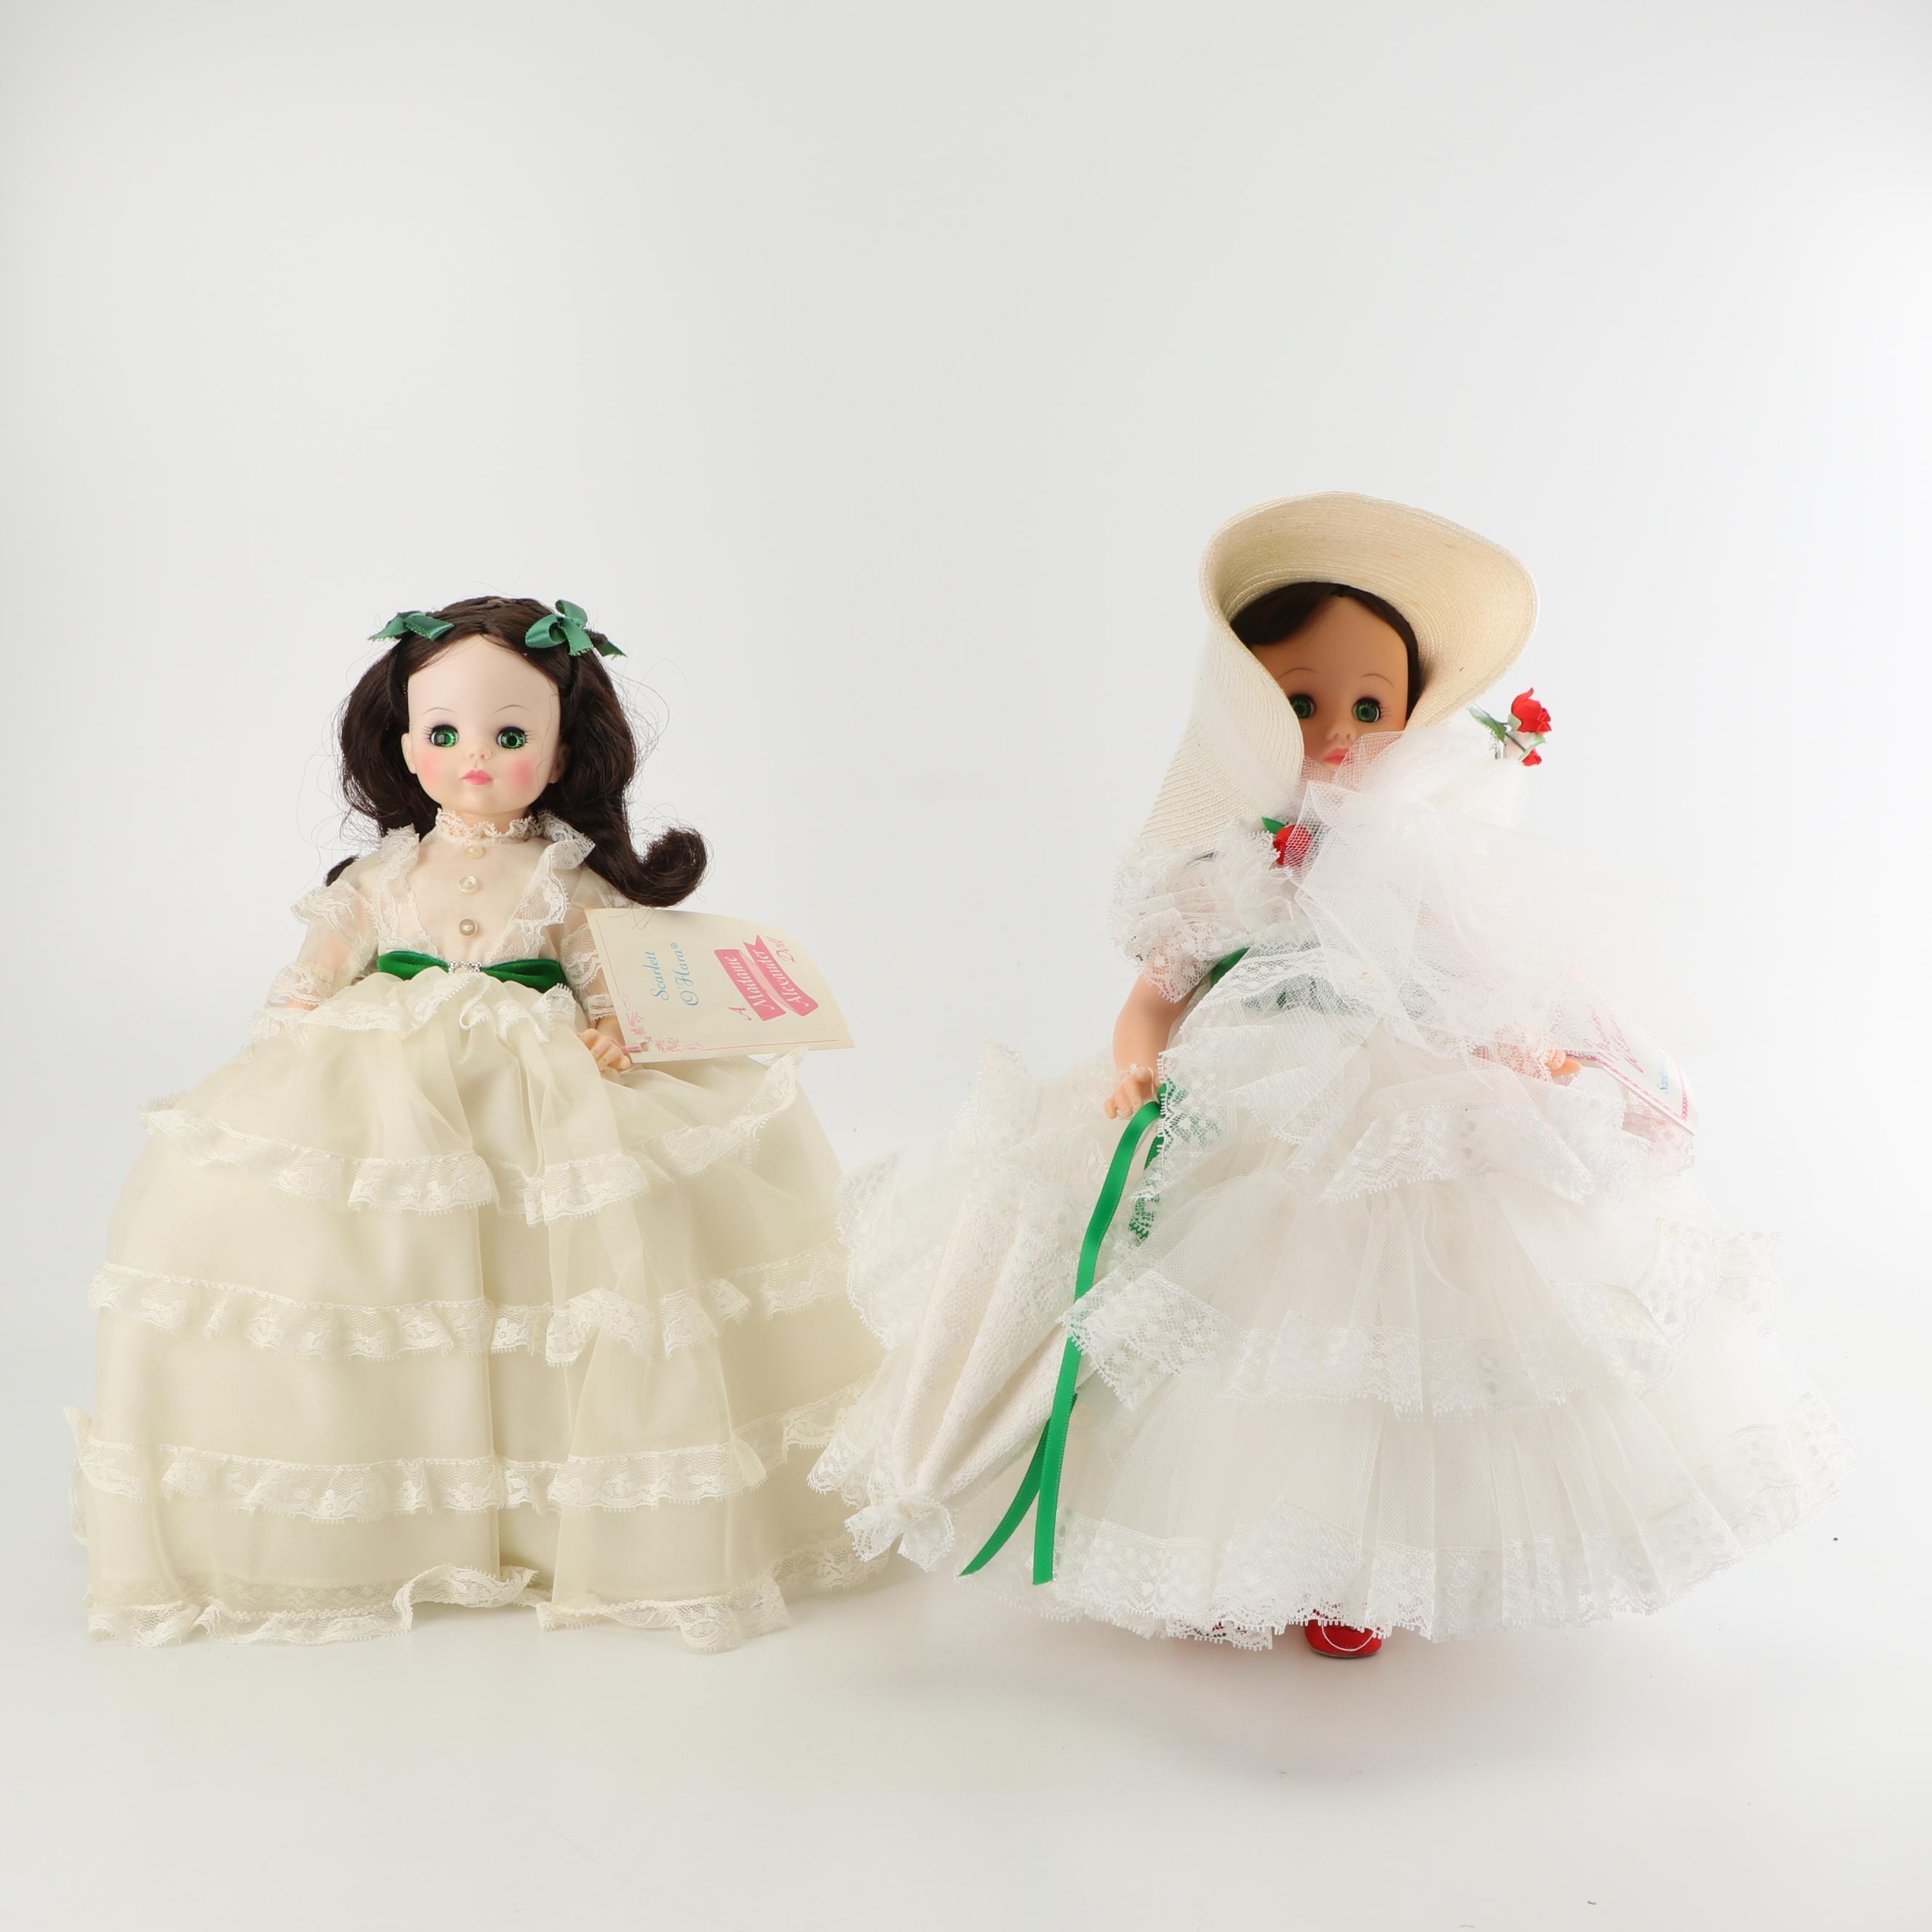 Madame Alexander Scarlett O'Hara Dolls